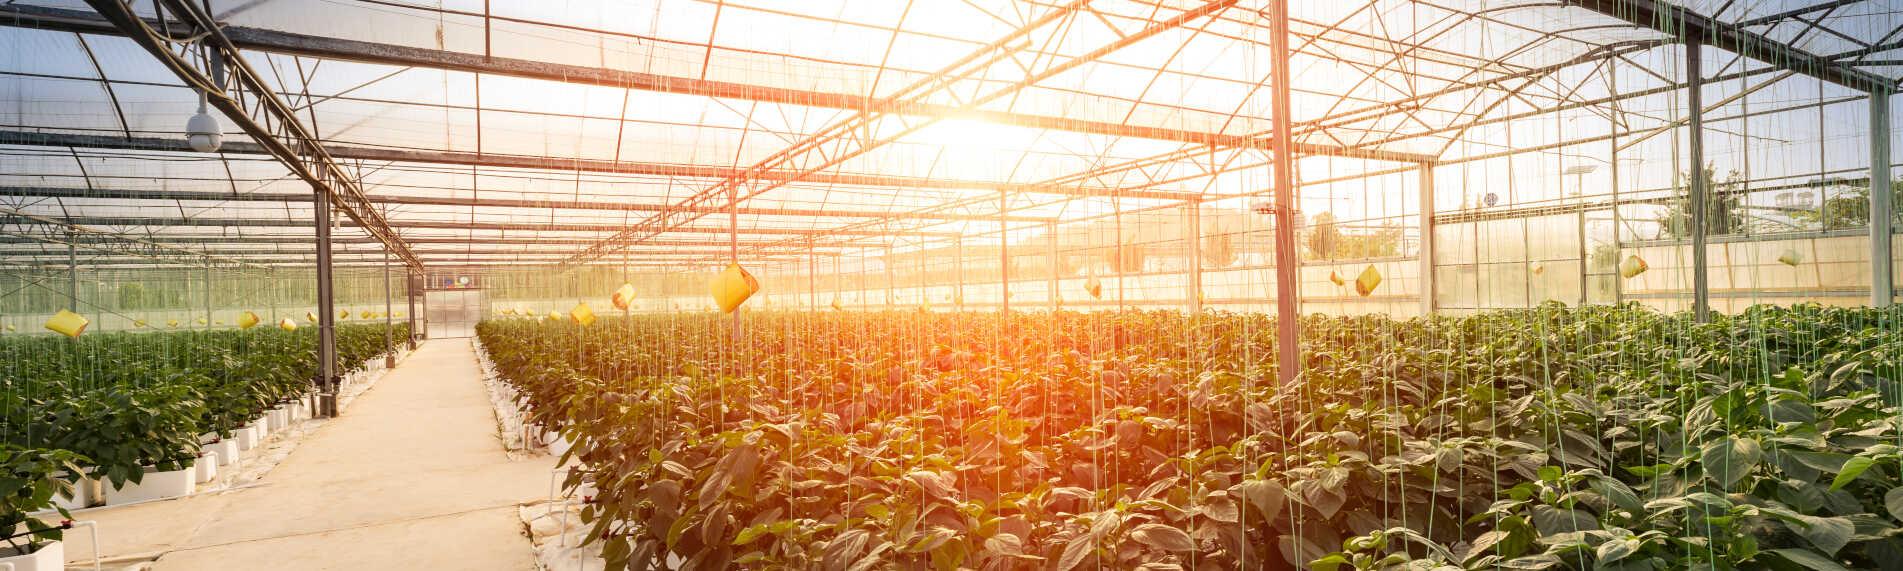 Få det optimale plantemiljø med befugtning